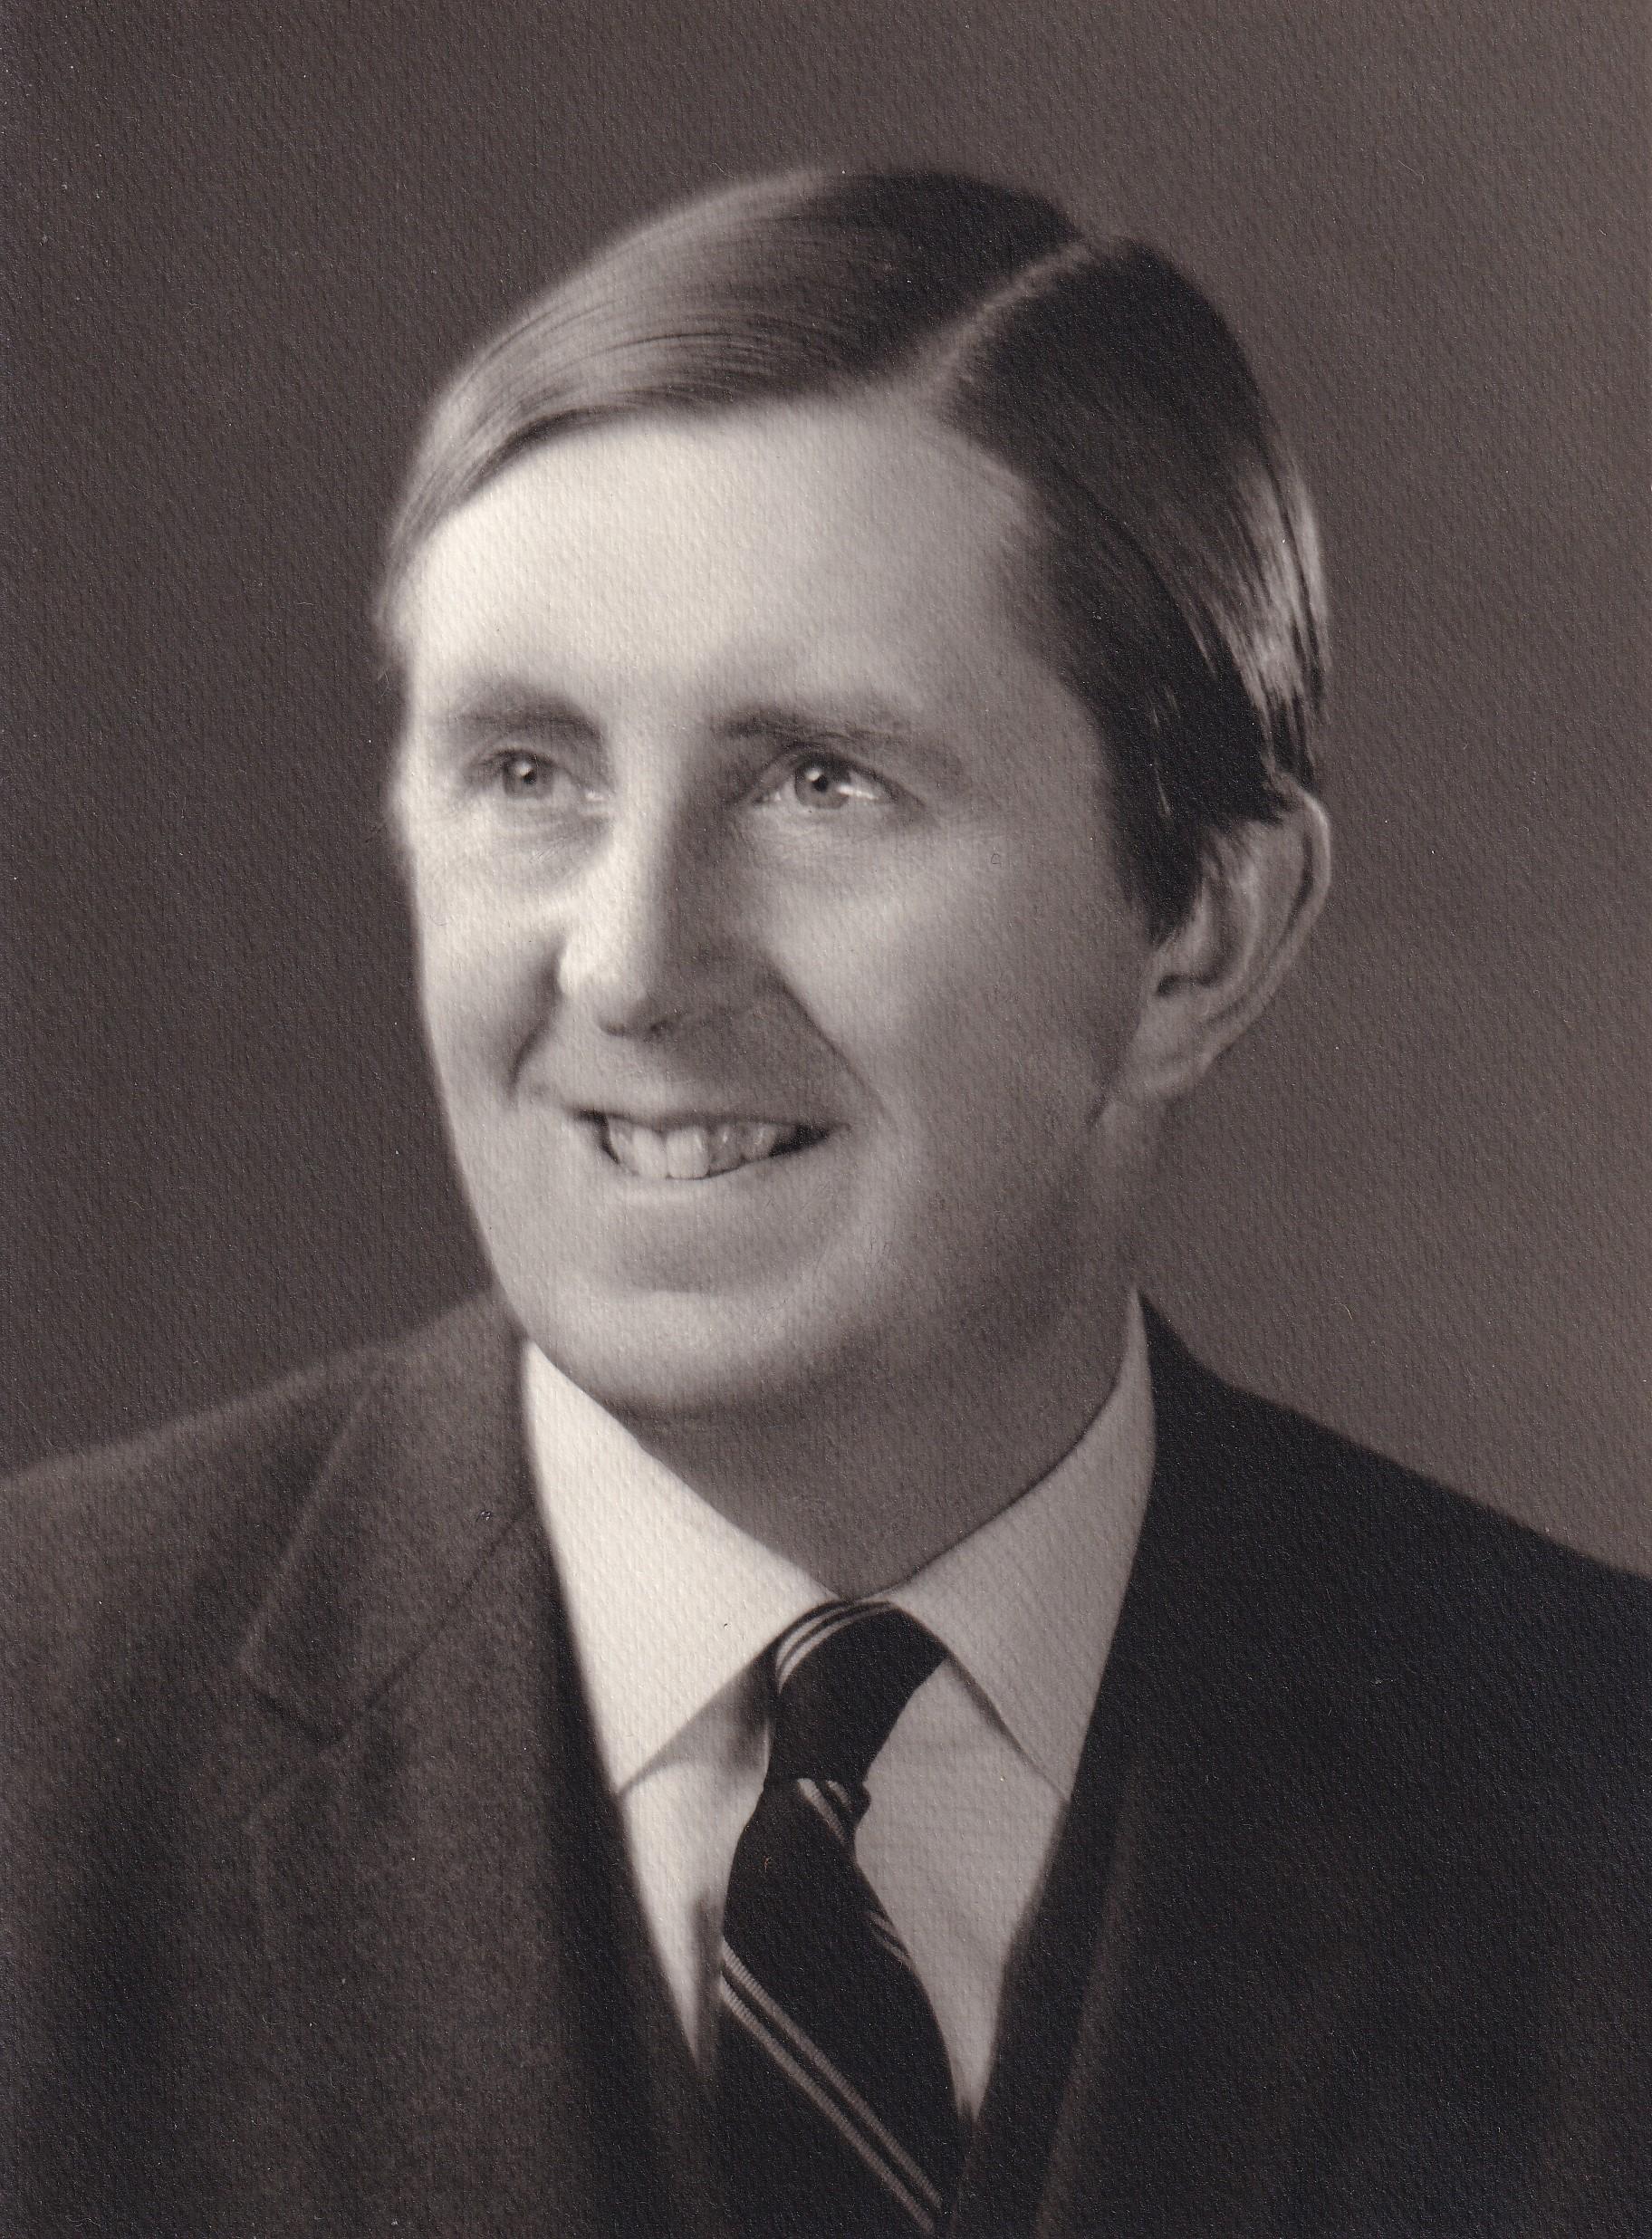 Portrait of William Ivo (Bill) Whitton